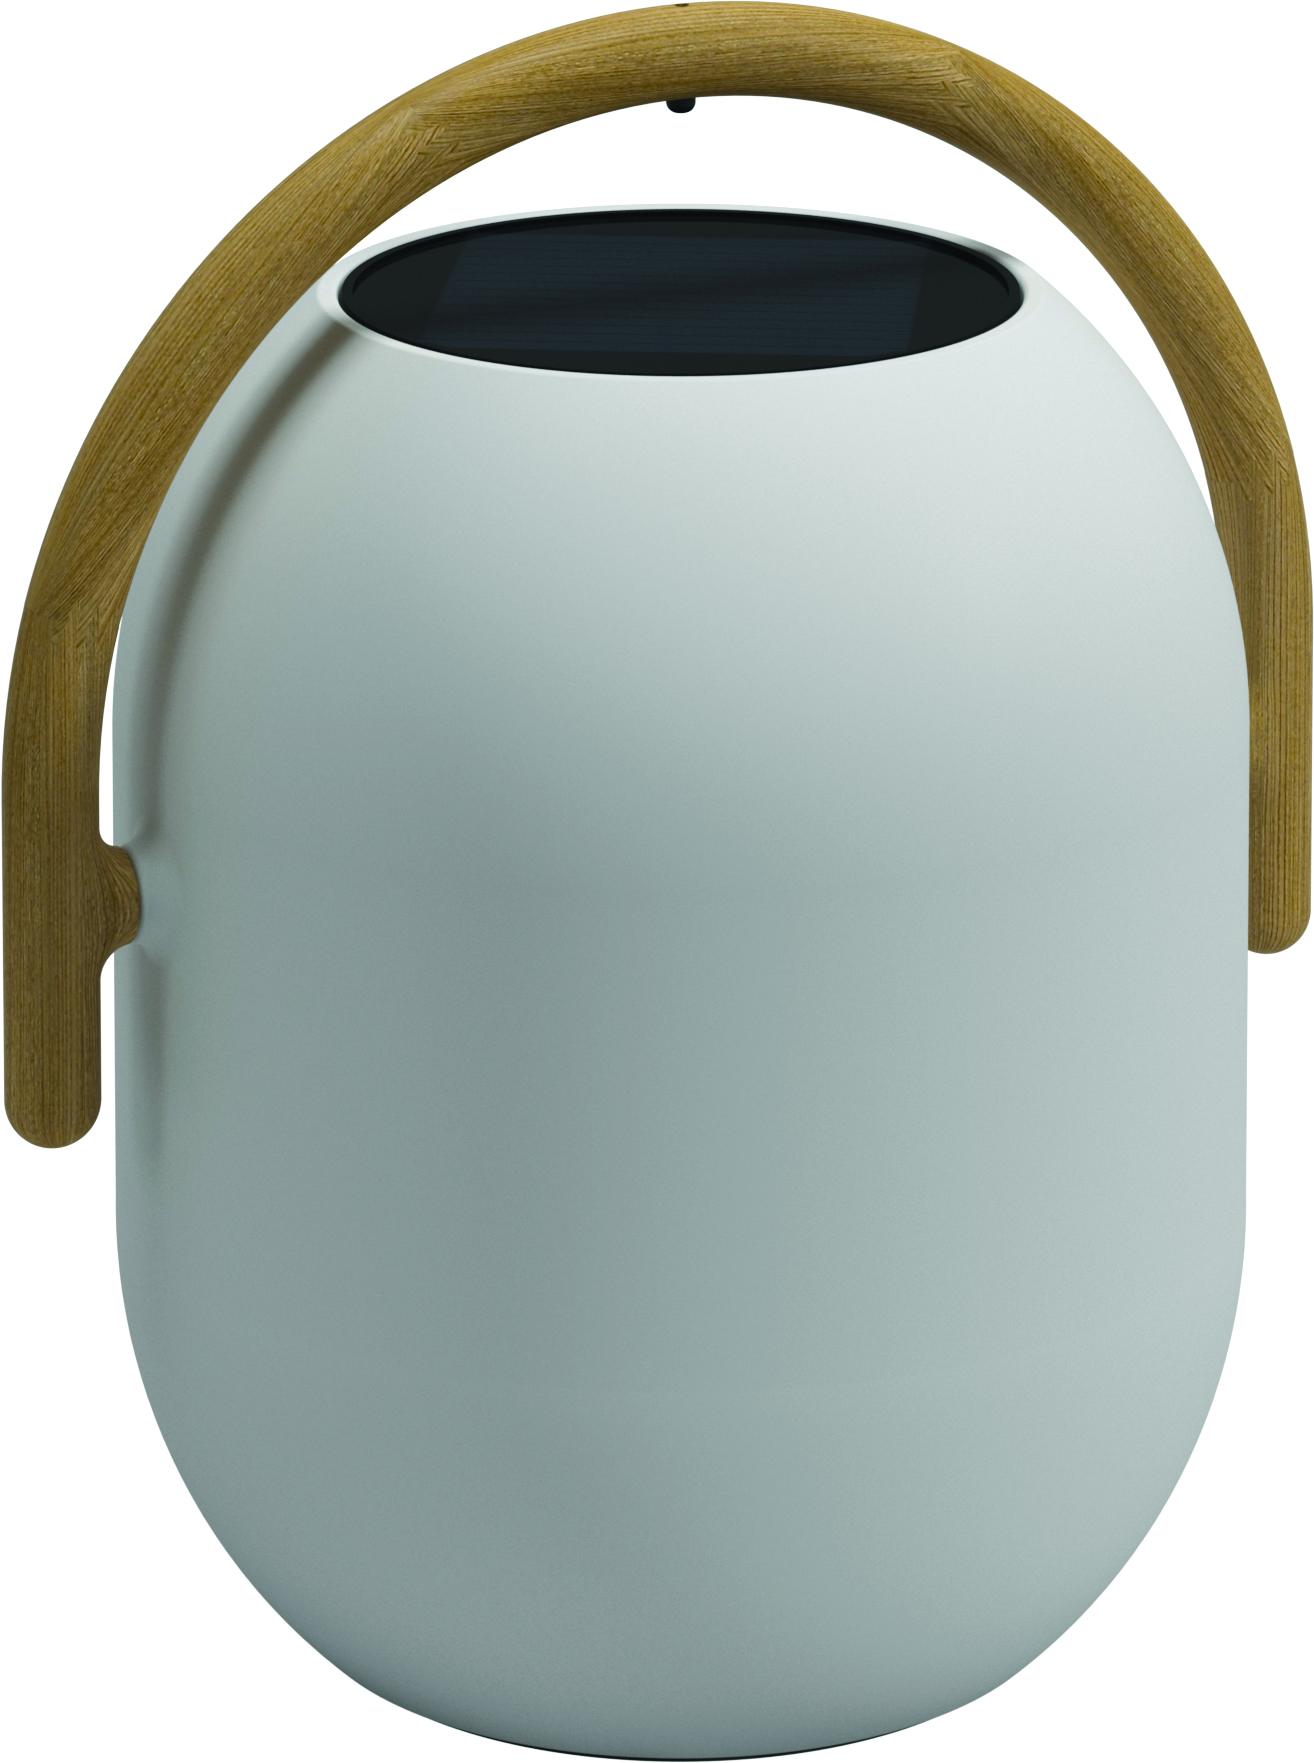 Gloster Cocoon lantern